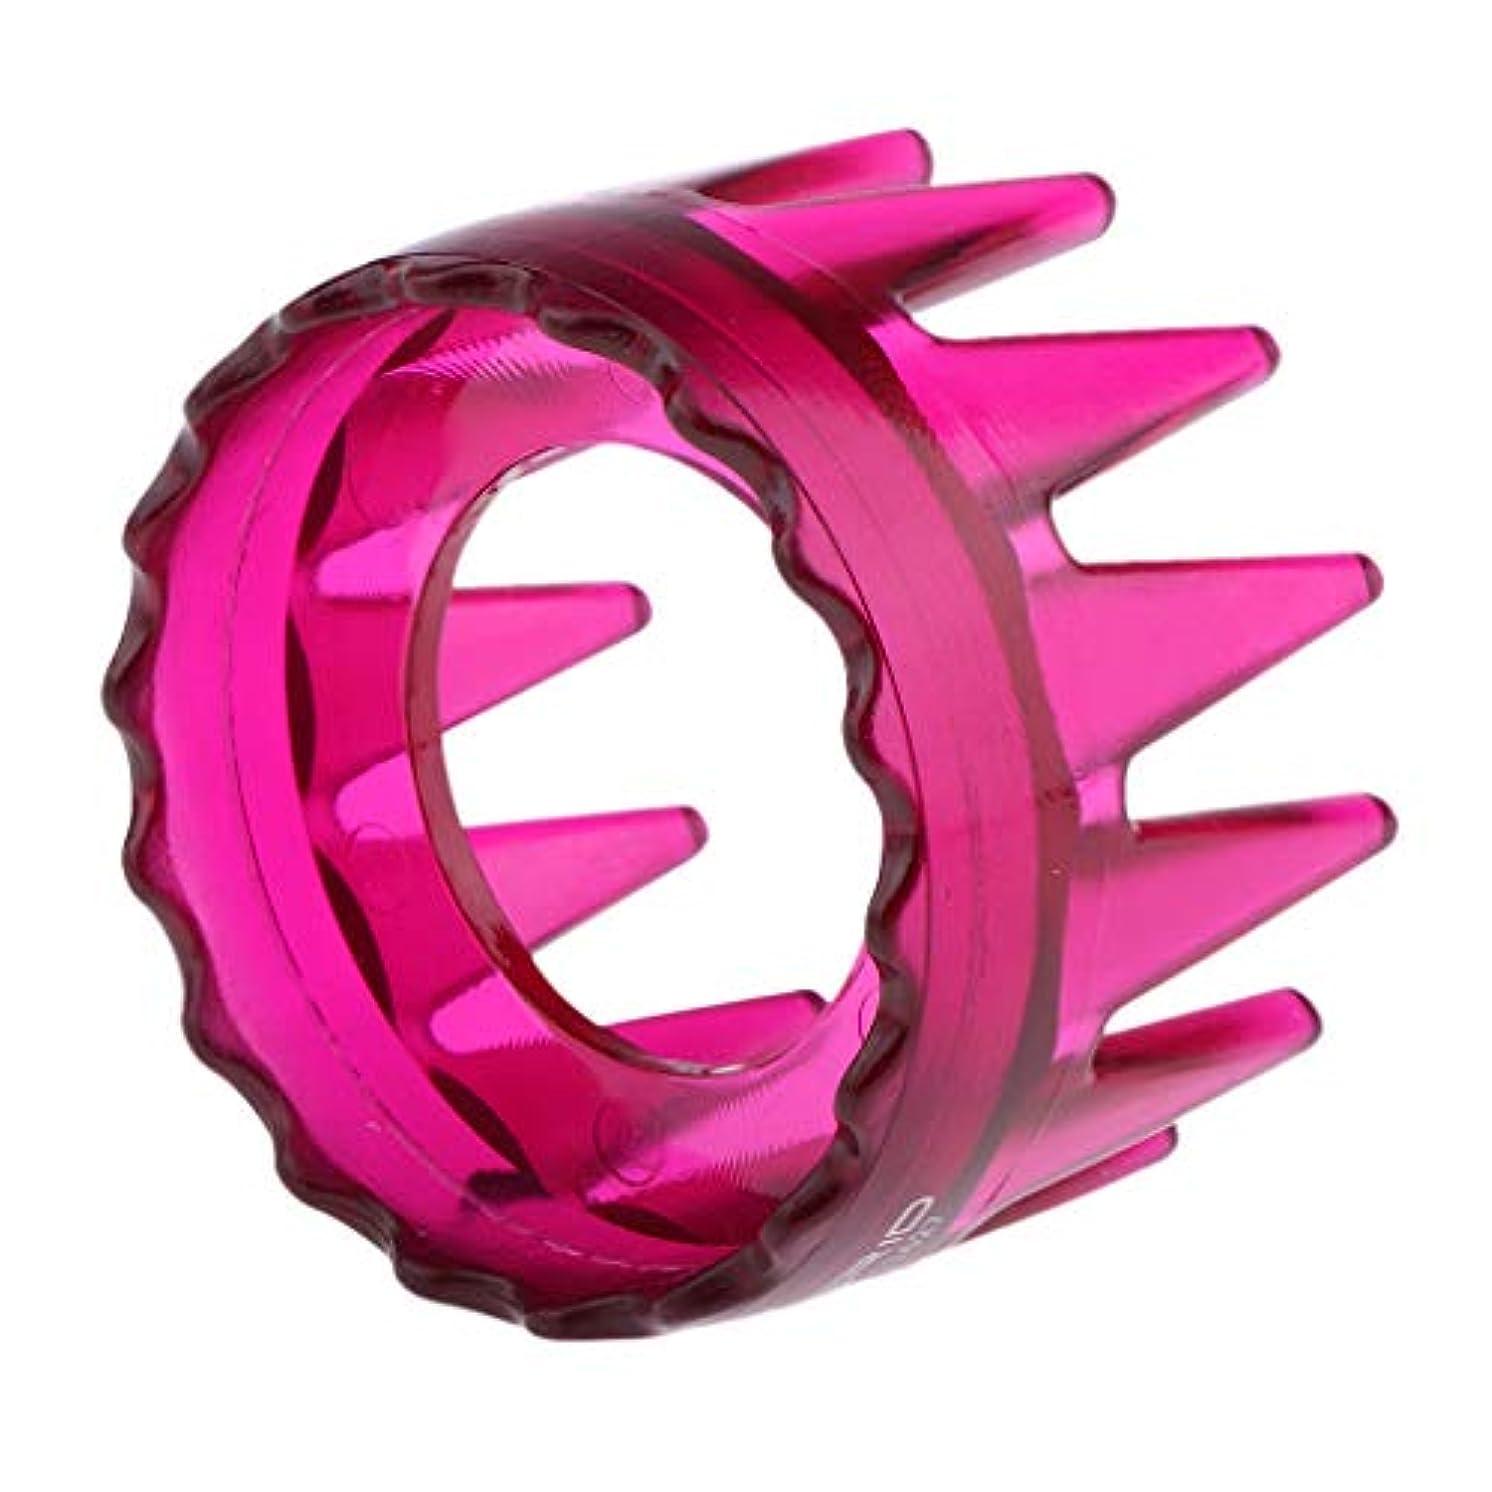 スイ怒って危険を冒しますプラスチック製 シャンプーブラシ 洗髪櫛 マッサージャー ヘアコーム ヘアブラシ 直径約6cm 全4色 - ローズレッド